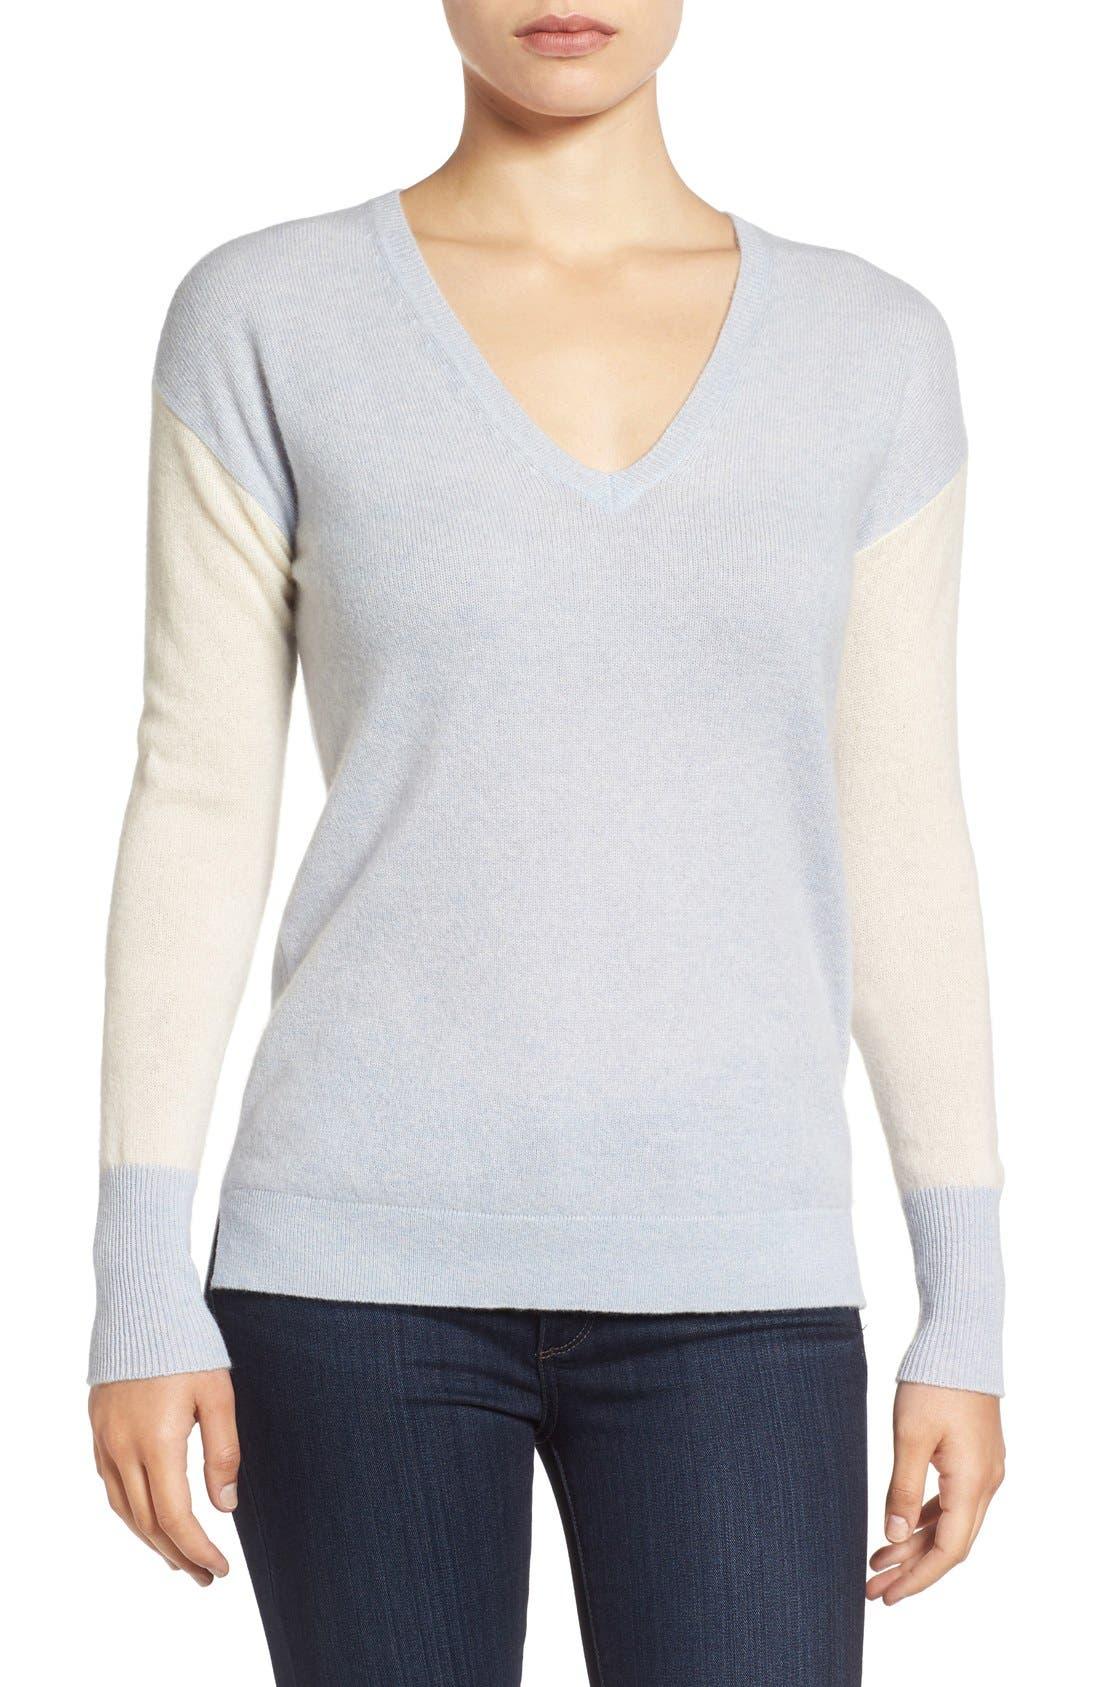 Alternate Image 1 Selected - Halogen® Cashmere V-Neck Sweater (Regular & Petite)